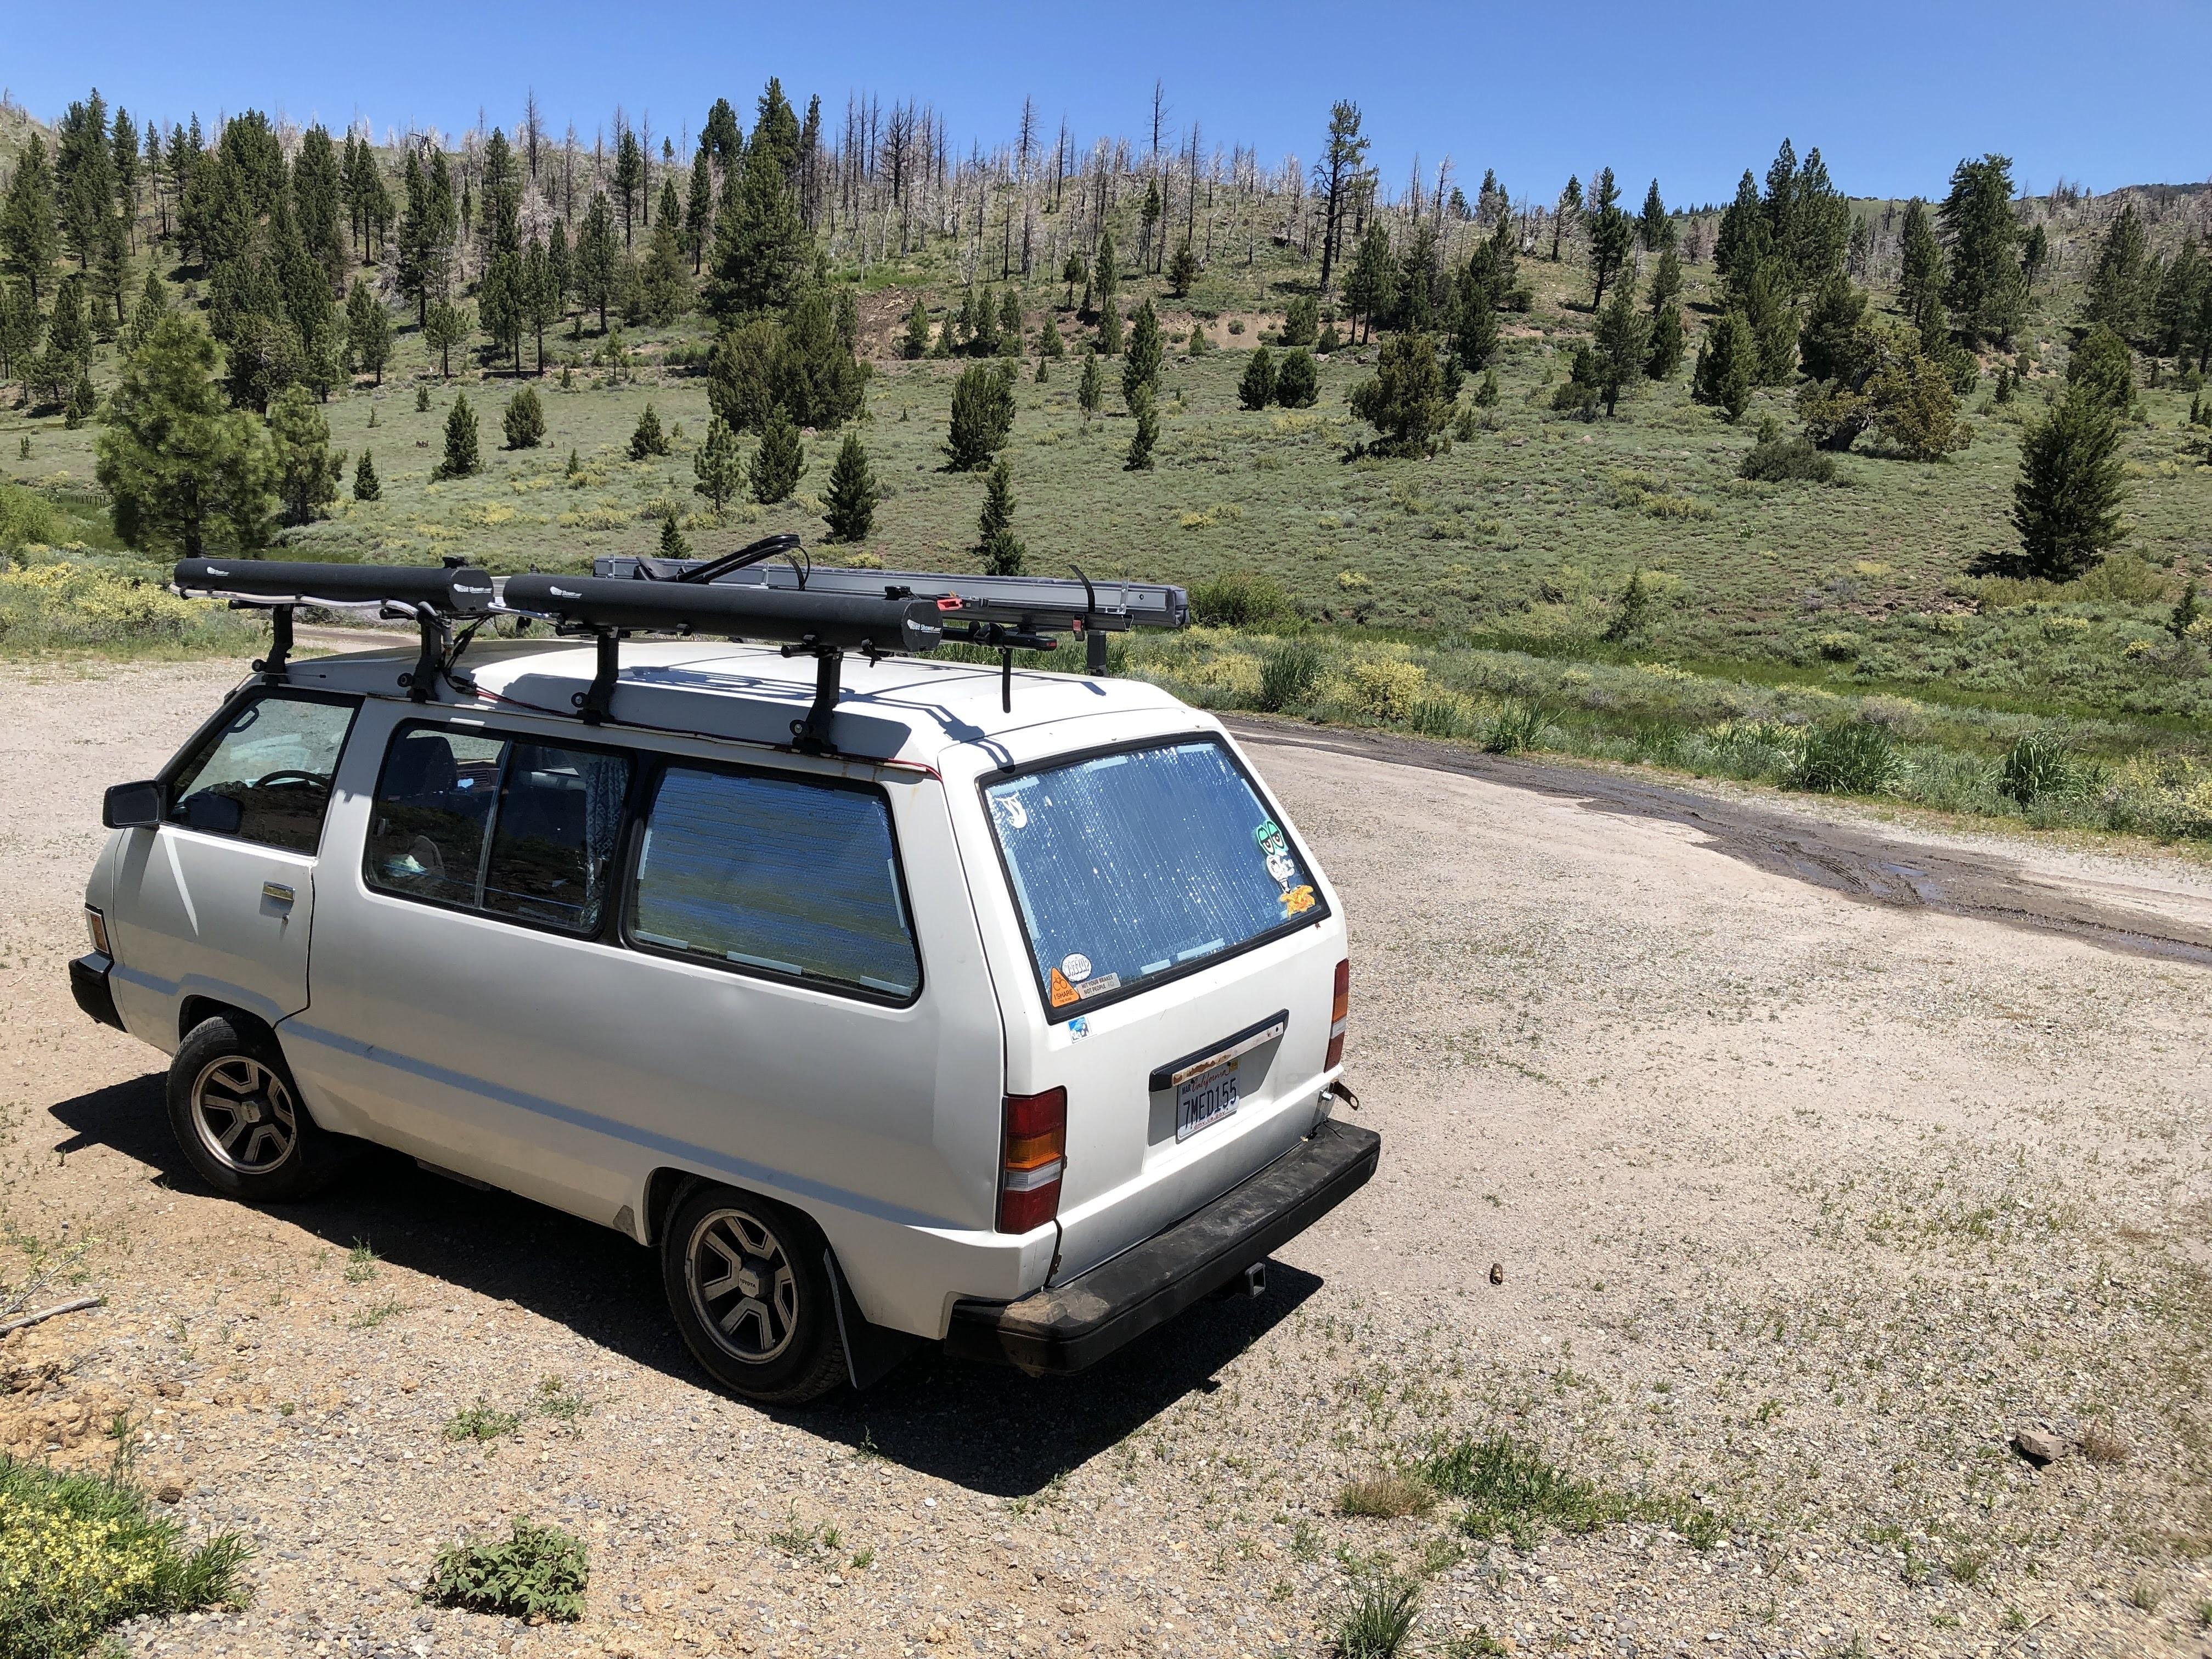 1985 Toyota Camper Vanwagon